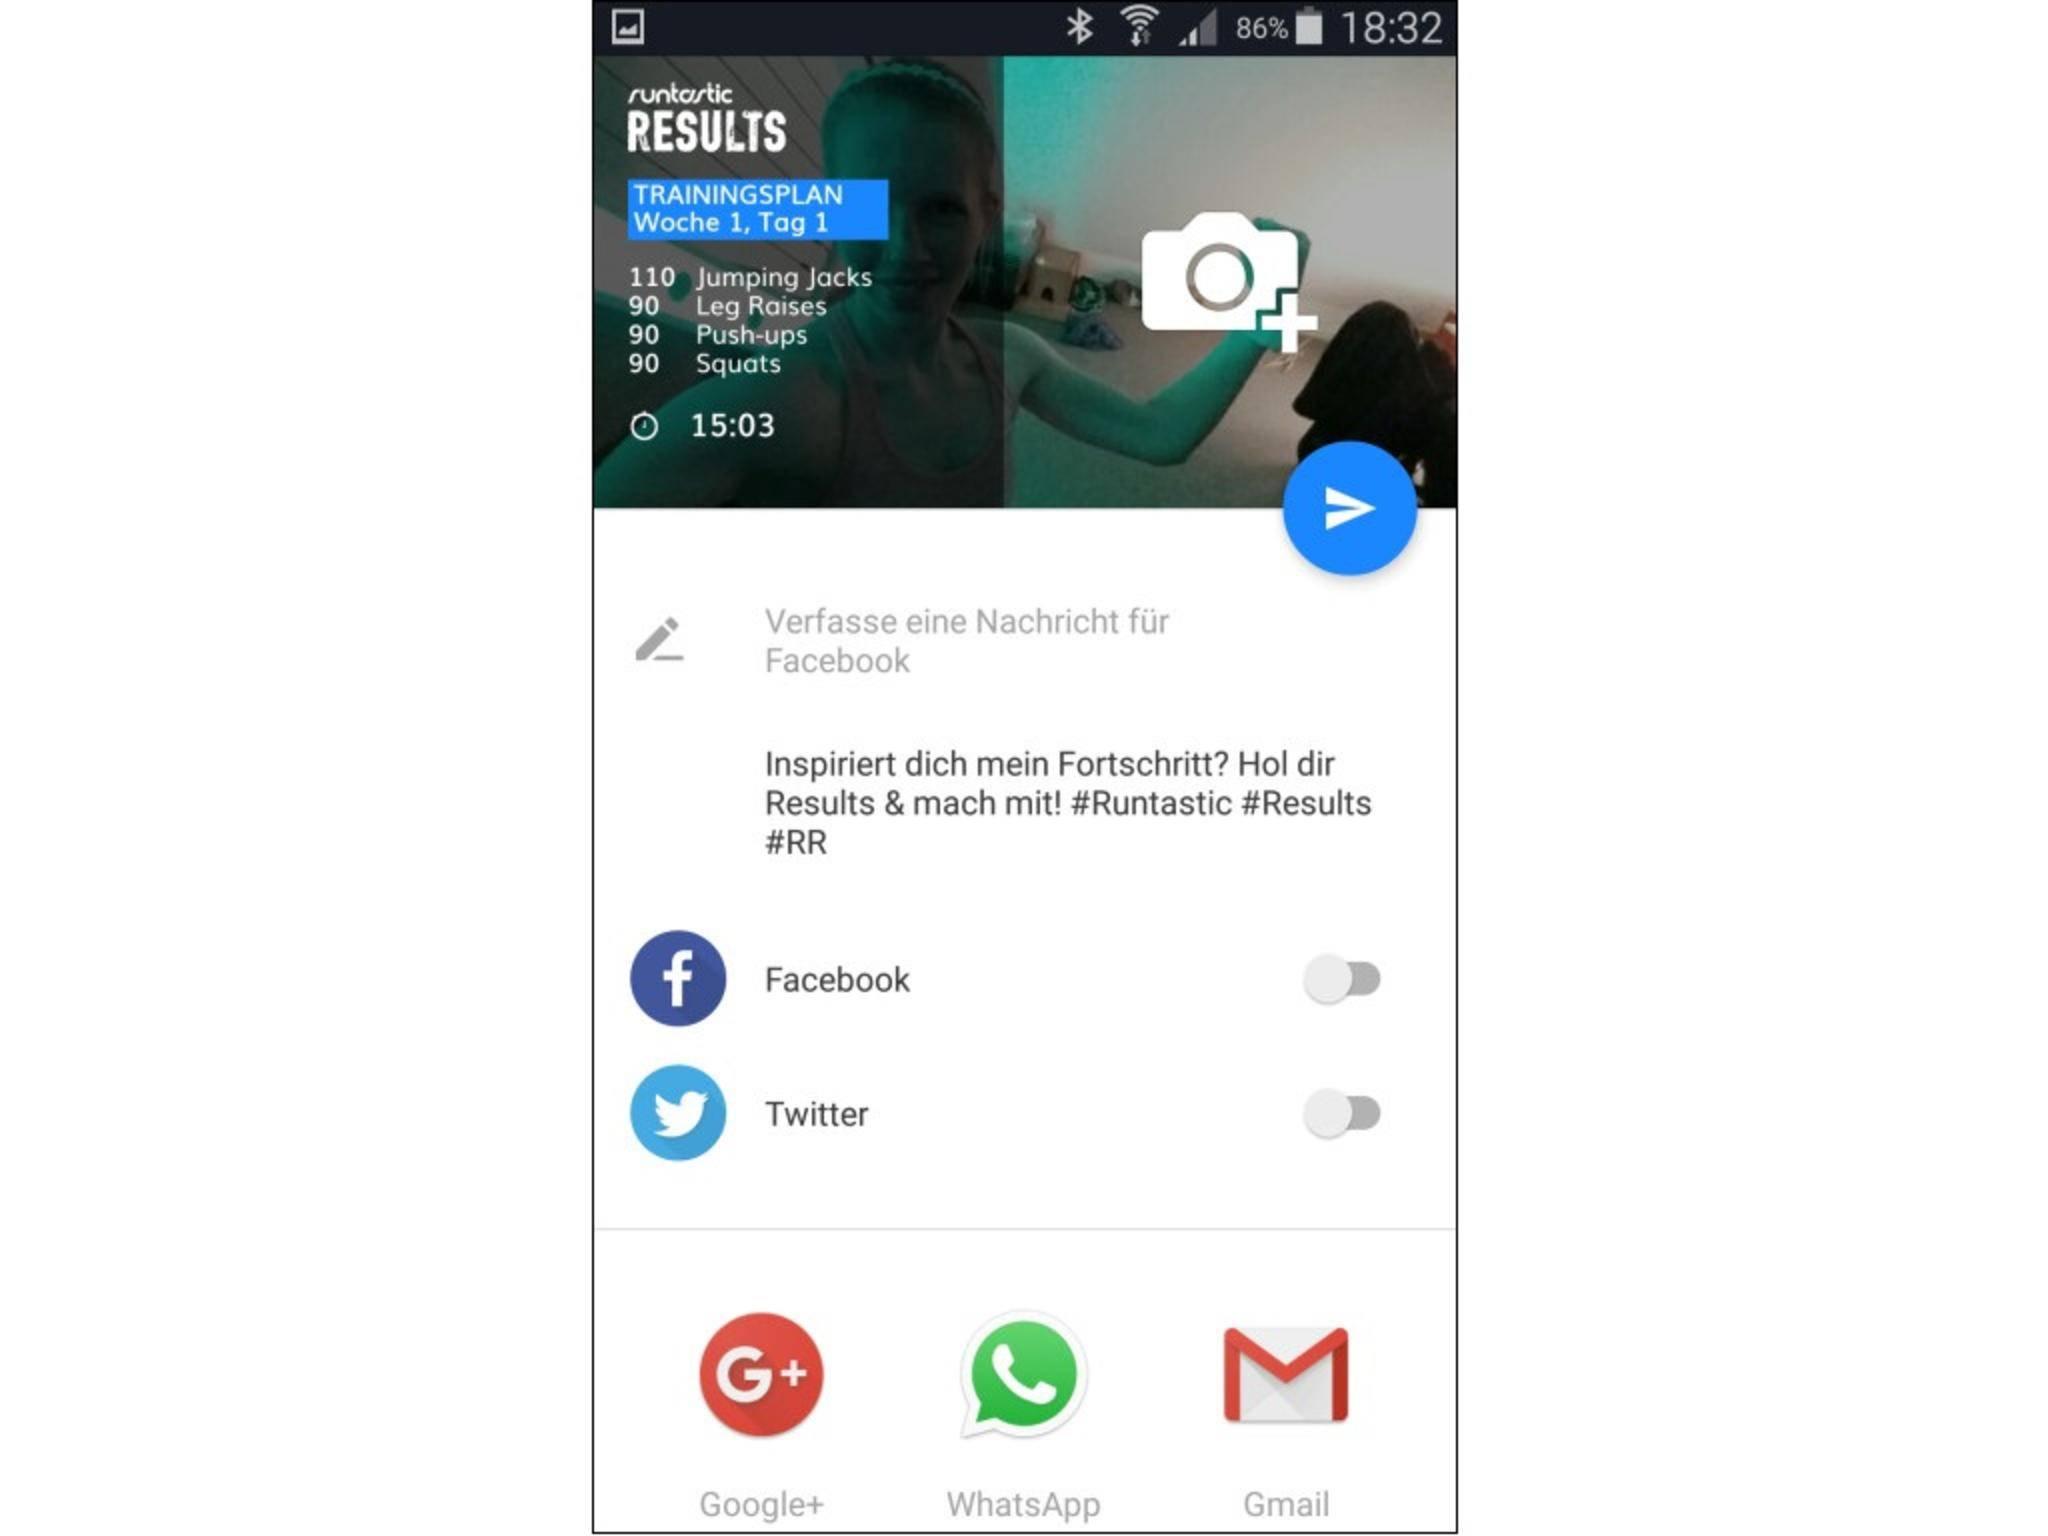 Runtastic Results App 5